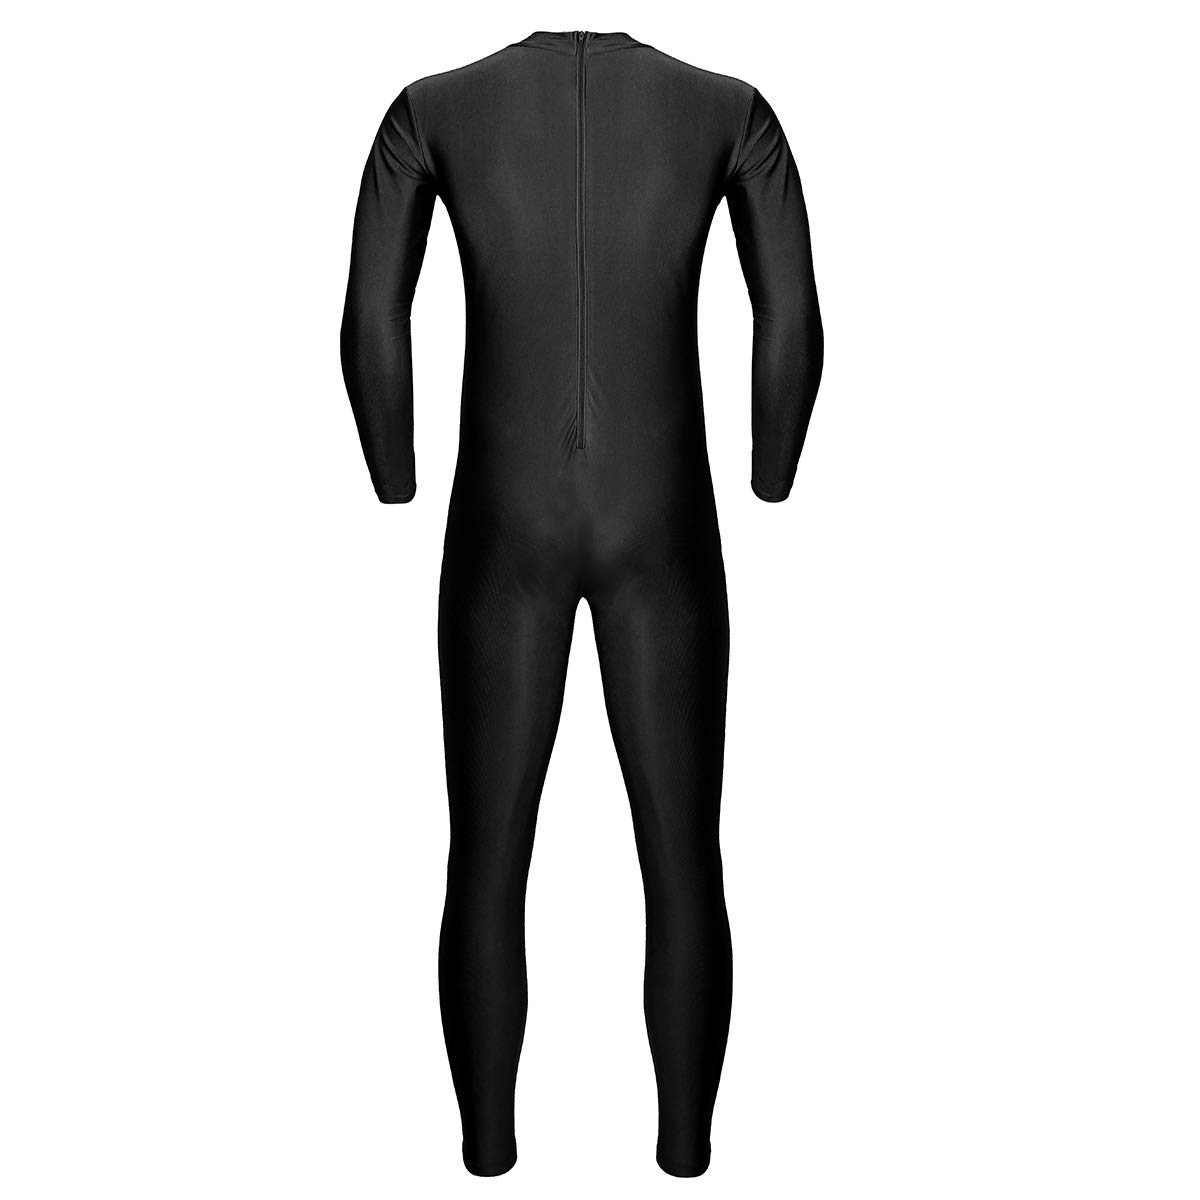 Alvivi Combinaison Pyjama Homme sous-V/êtements Thermique Grenouill/ères Homme Serr/é Long Manche Jumpsuit Costume Sports Muscle M-XXL